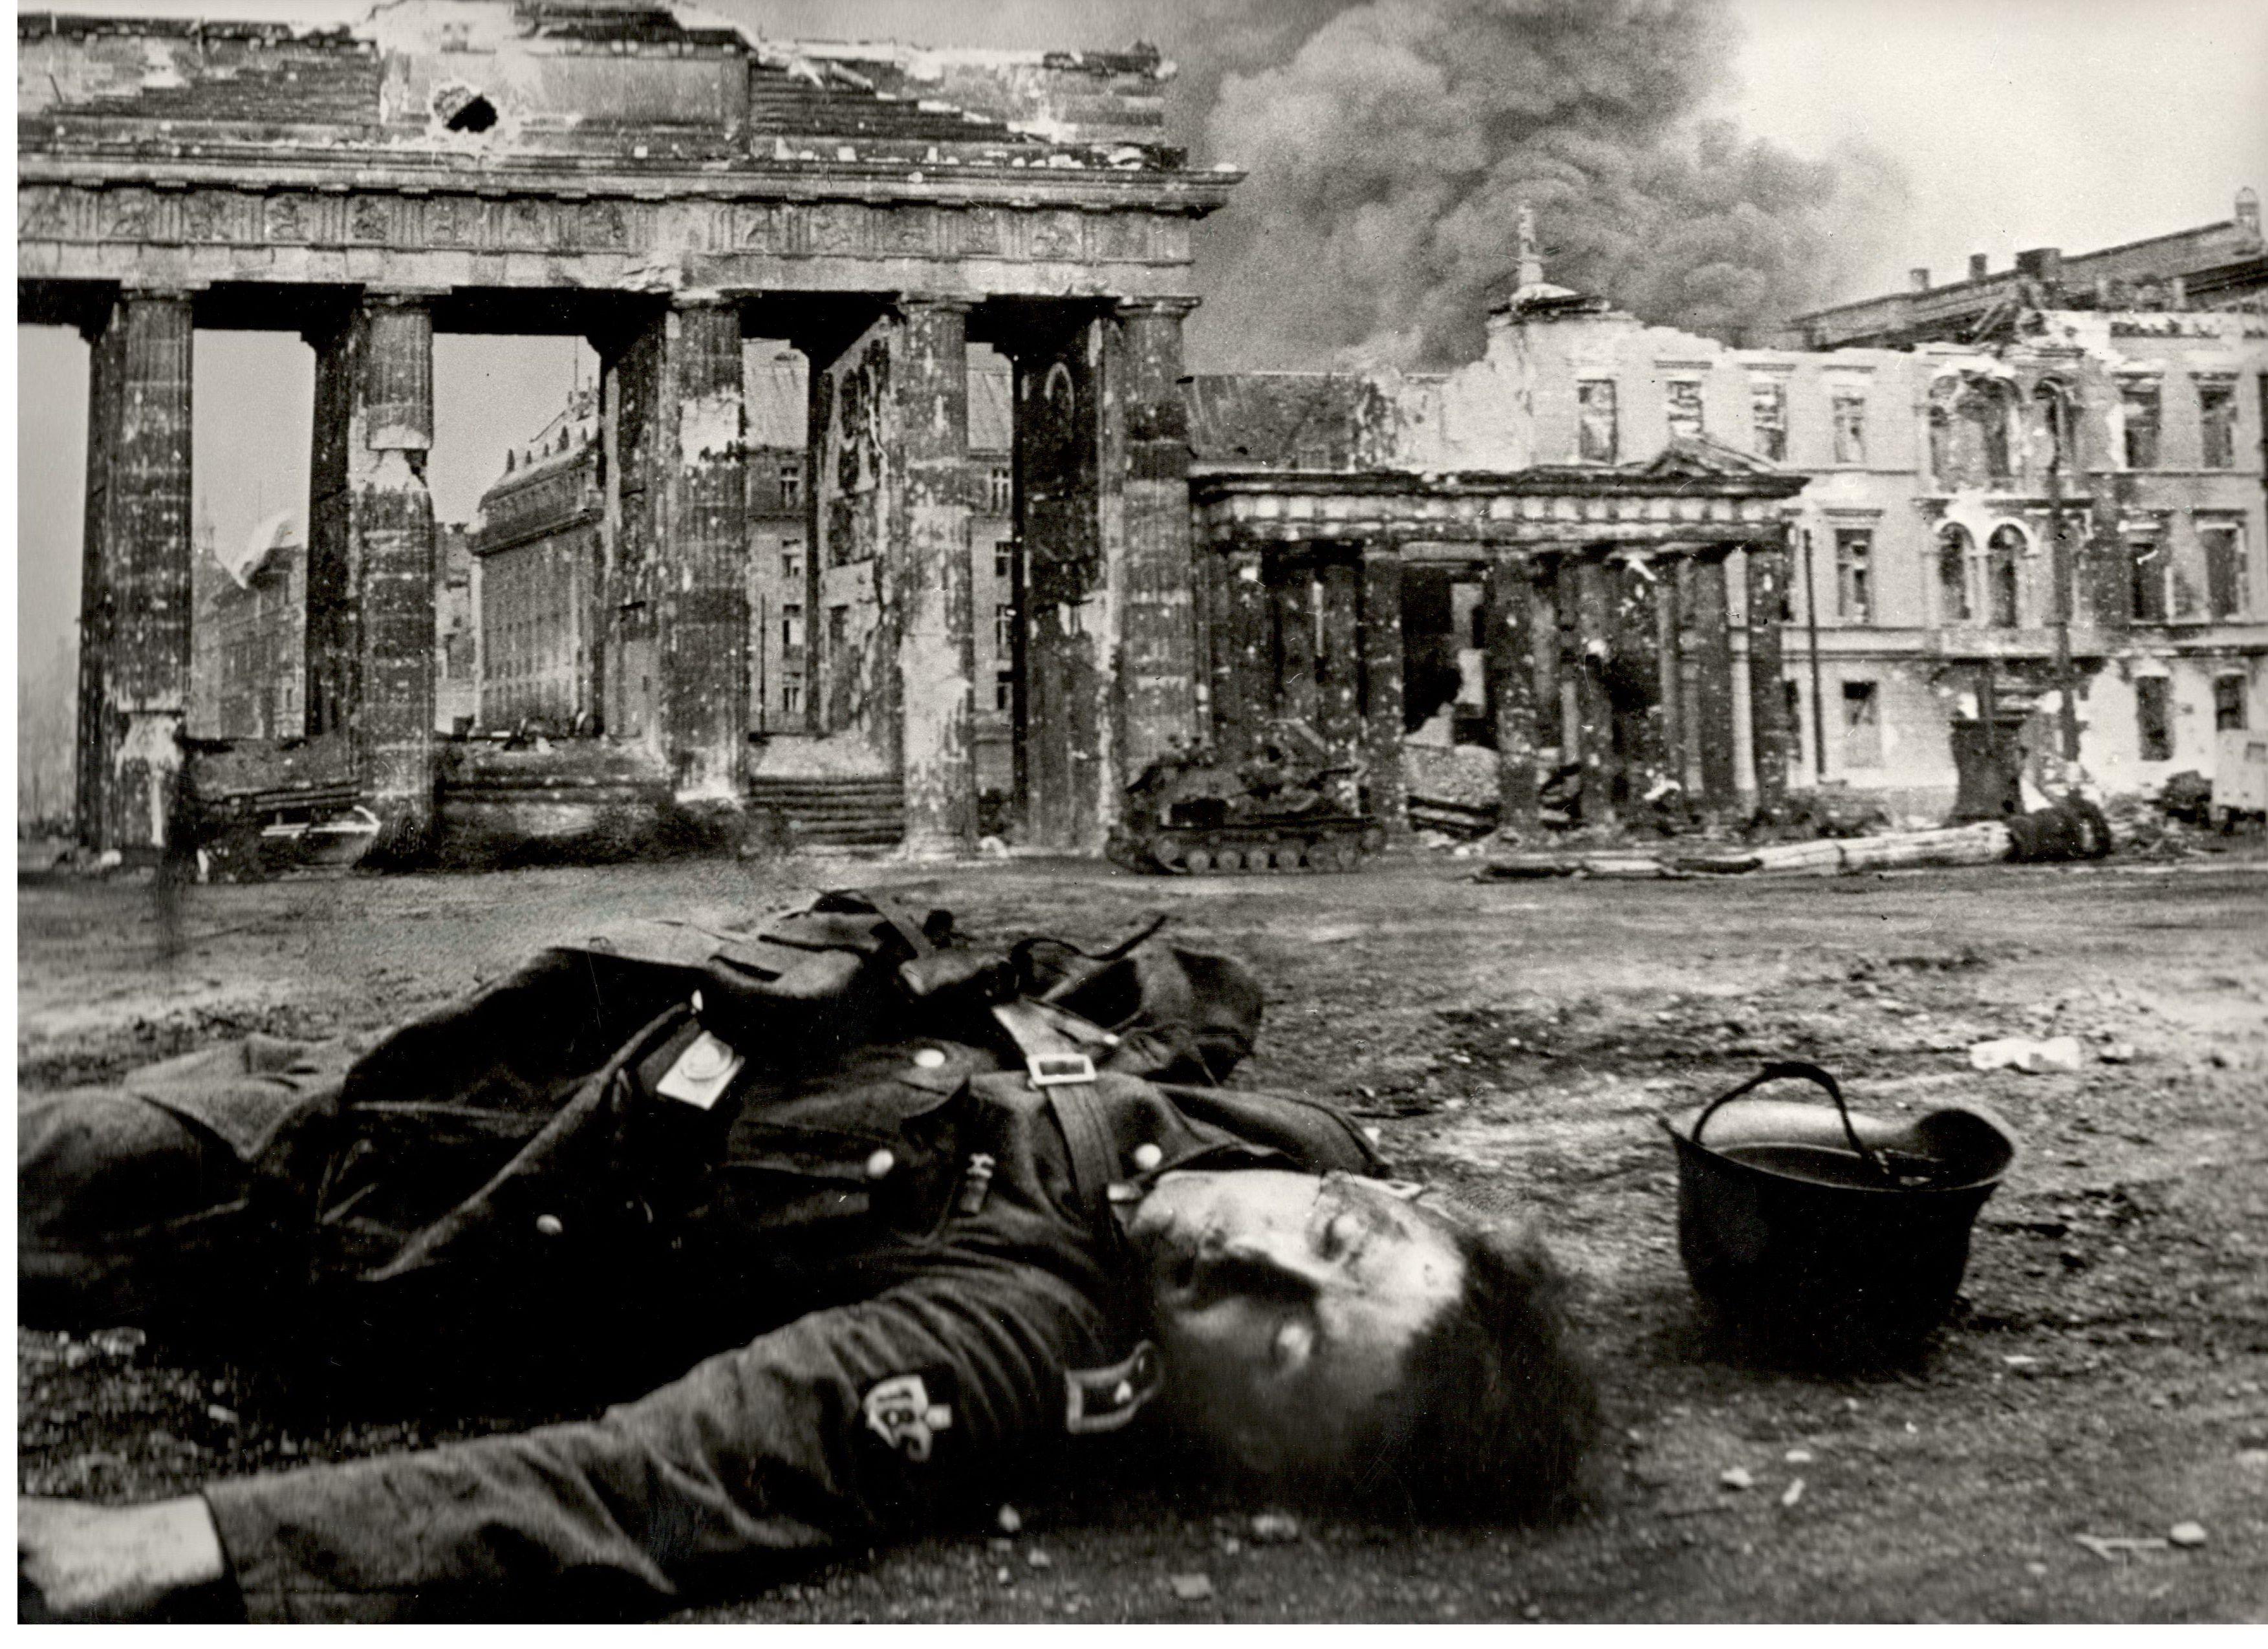 берлин военные фото радио